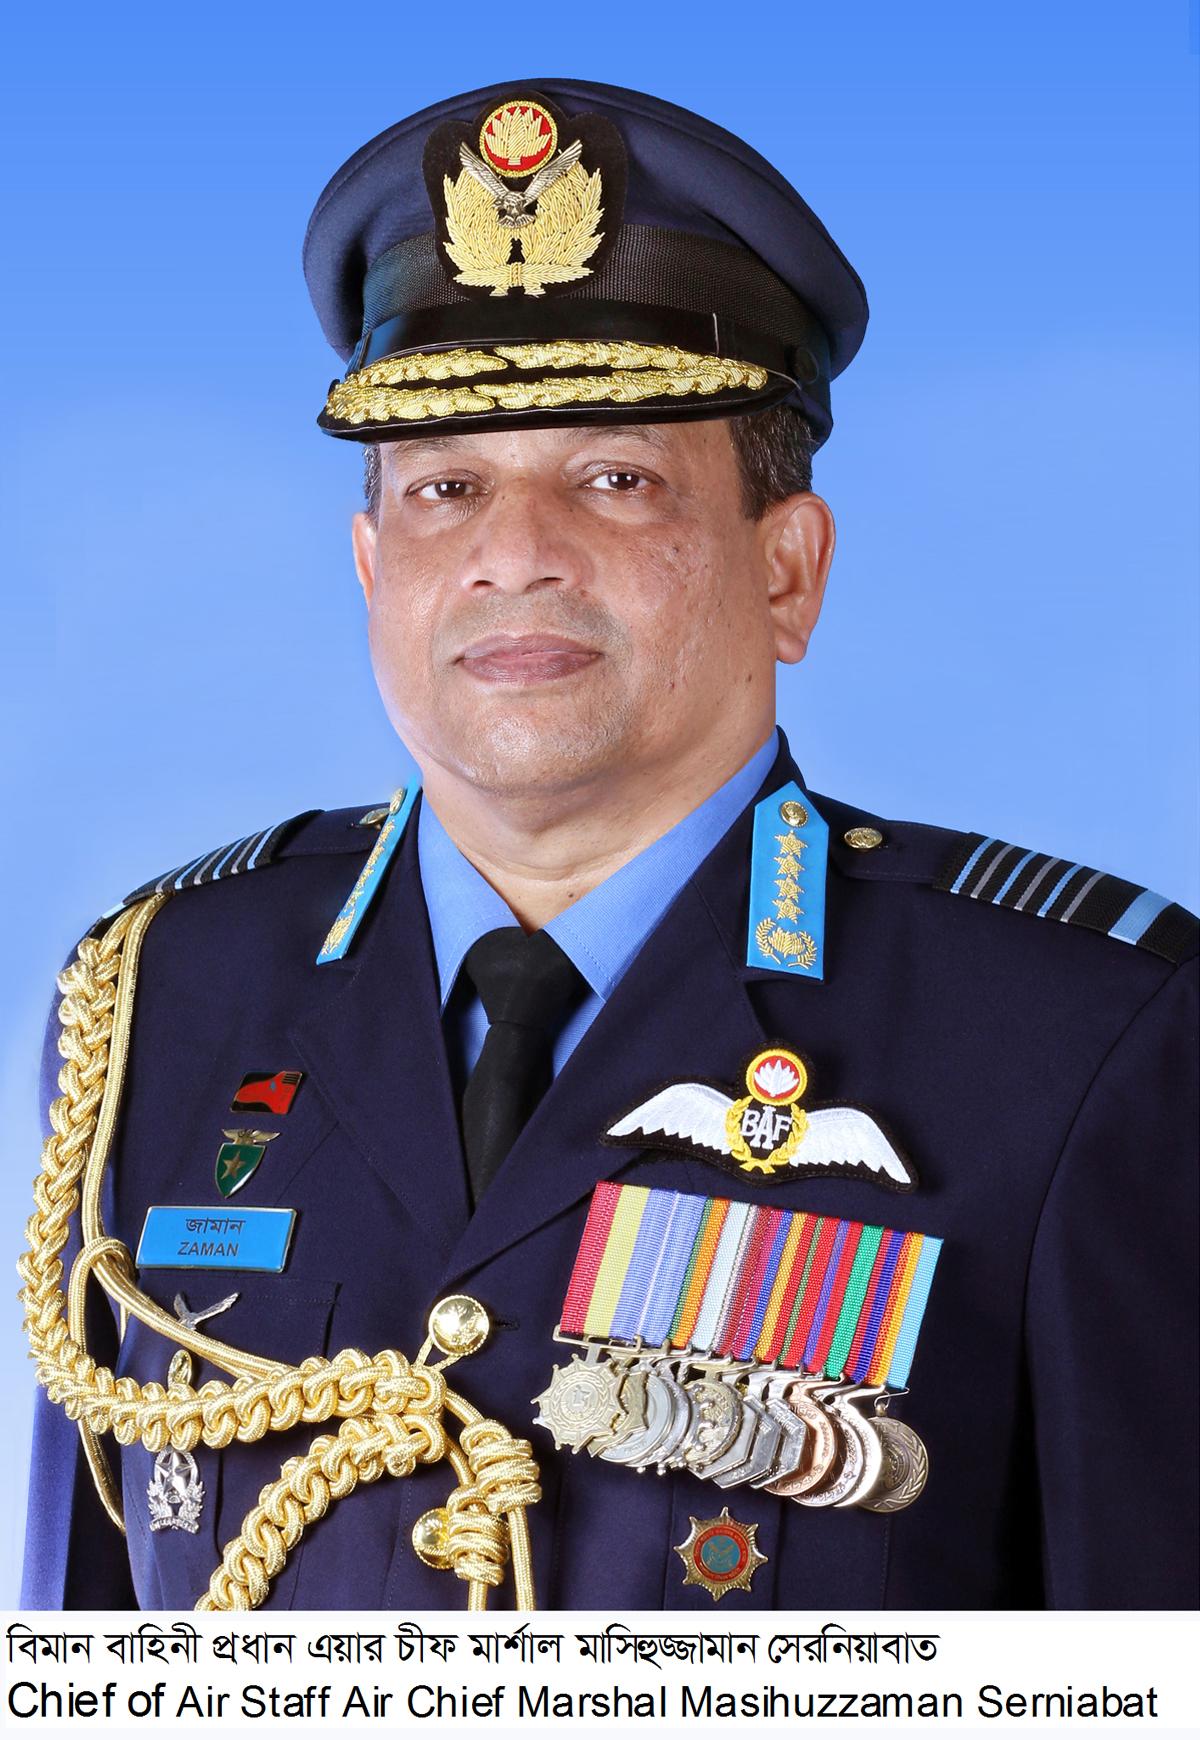 বাংলাদেশ বিমান বাহিনী প্রধানের রাশিয়া গমন